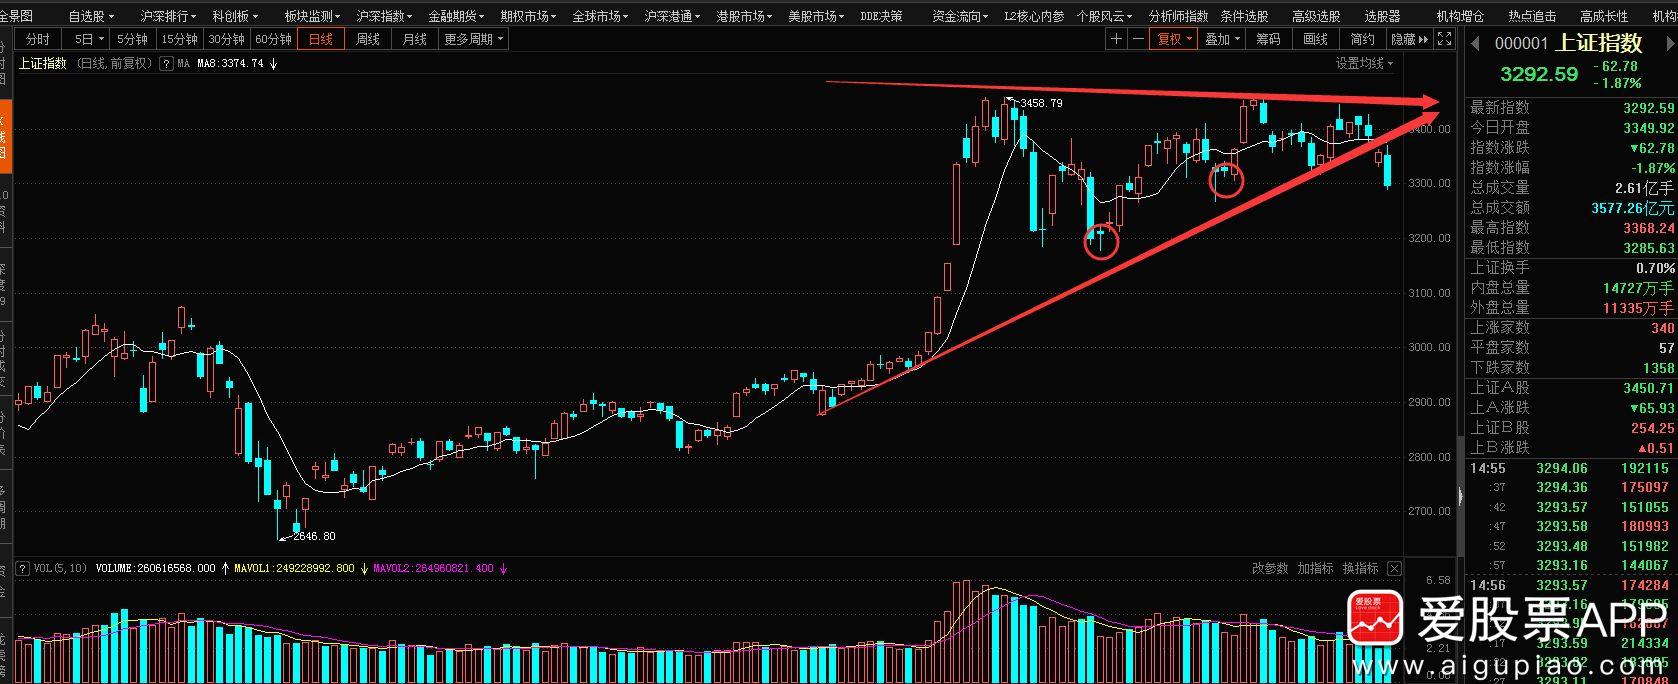 战龙:消灭低价股在路上,别错过创业板新制度带来的红利!